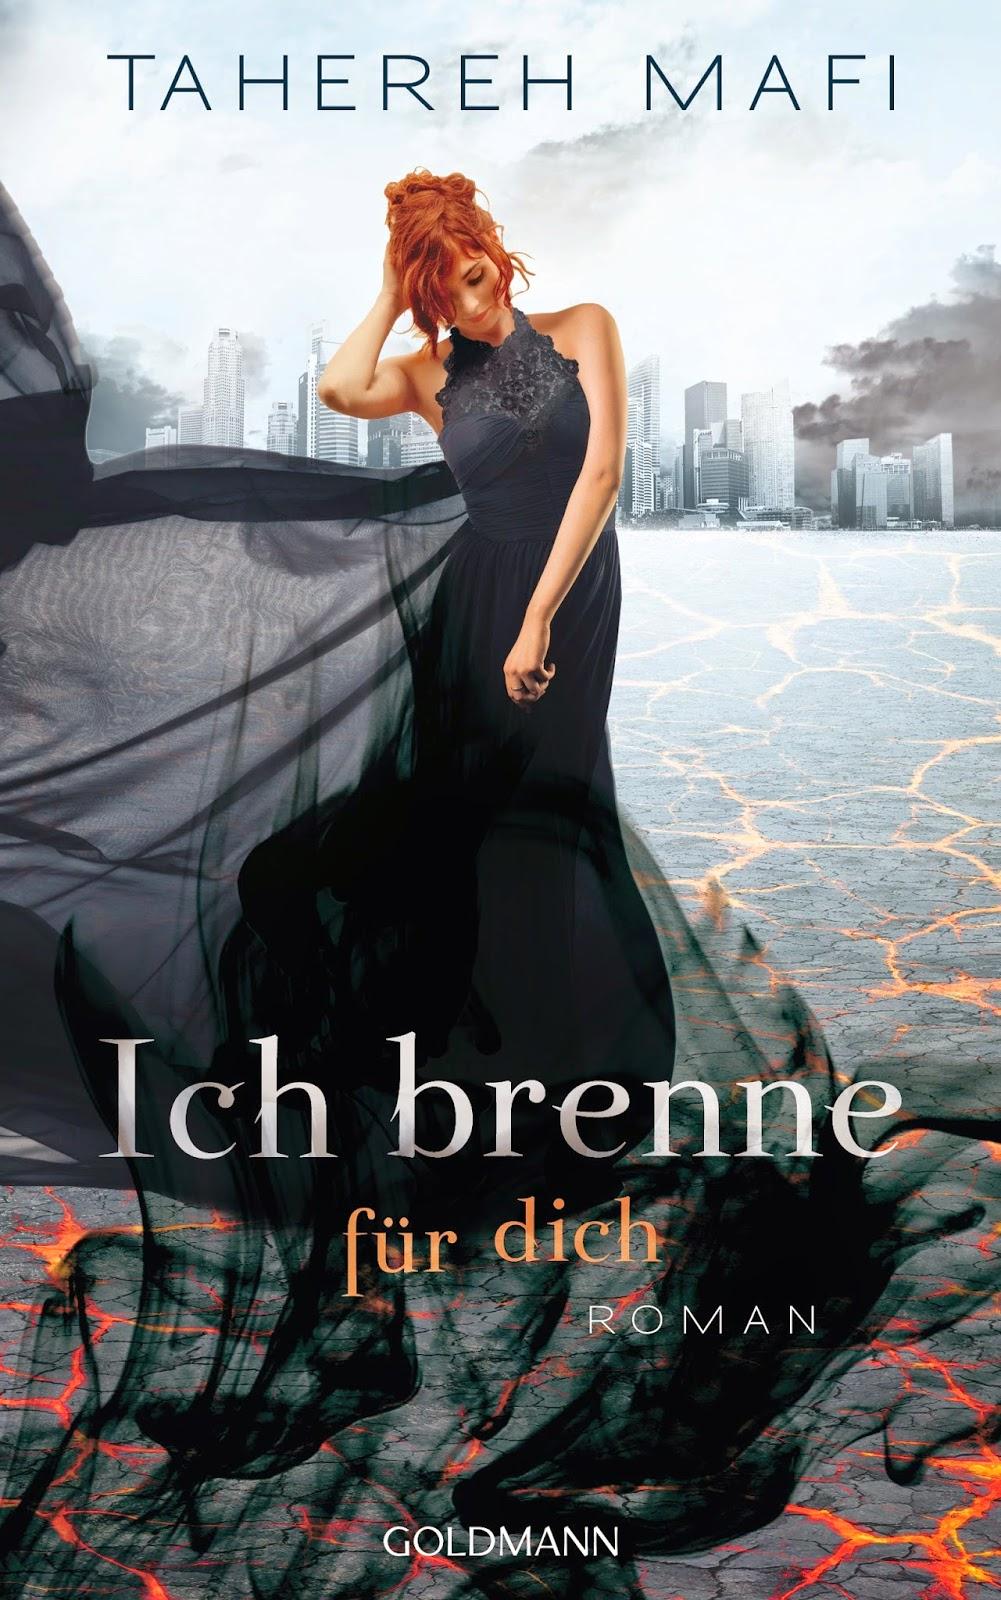 http://www.dasbuchgelaber.blogspot.de/2014/05/rezension-ich-brenne-fur-dich-von_15.html